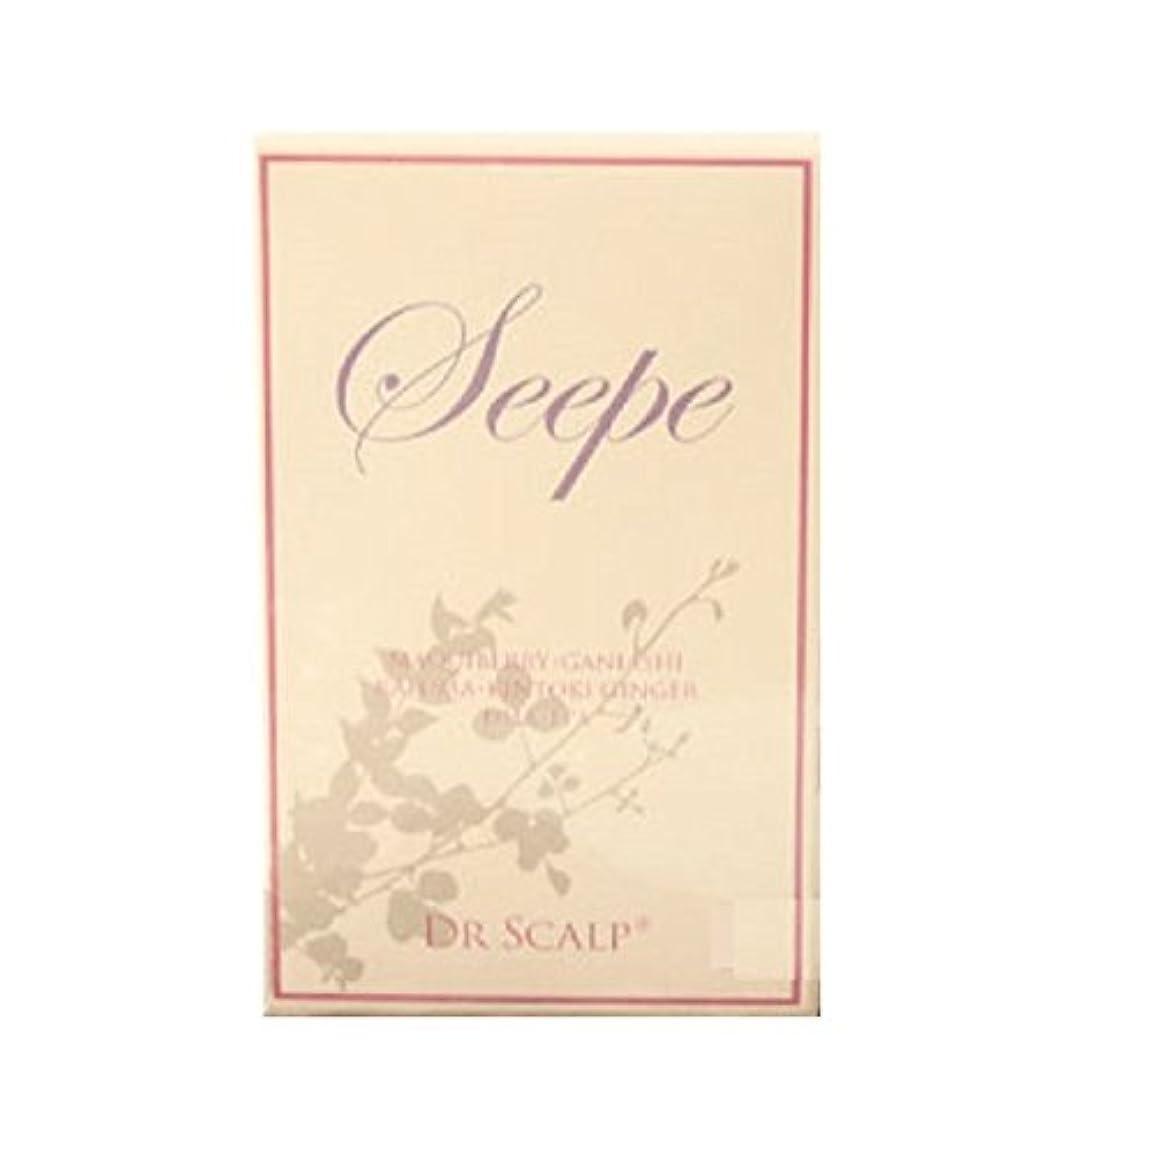 添加治安判事不均一ドクタースカルプ DR.SCALP(ドクタースカルプ)SEEPE(シープ) (サプリメント)※プロジェクトサプリメントのリニューアル商品です《60粒》